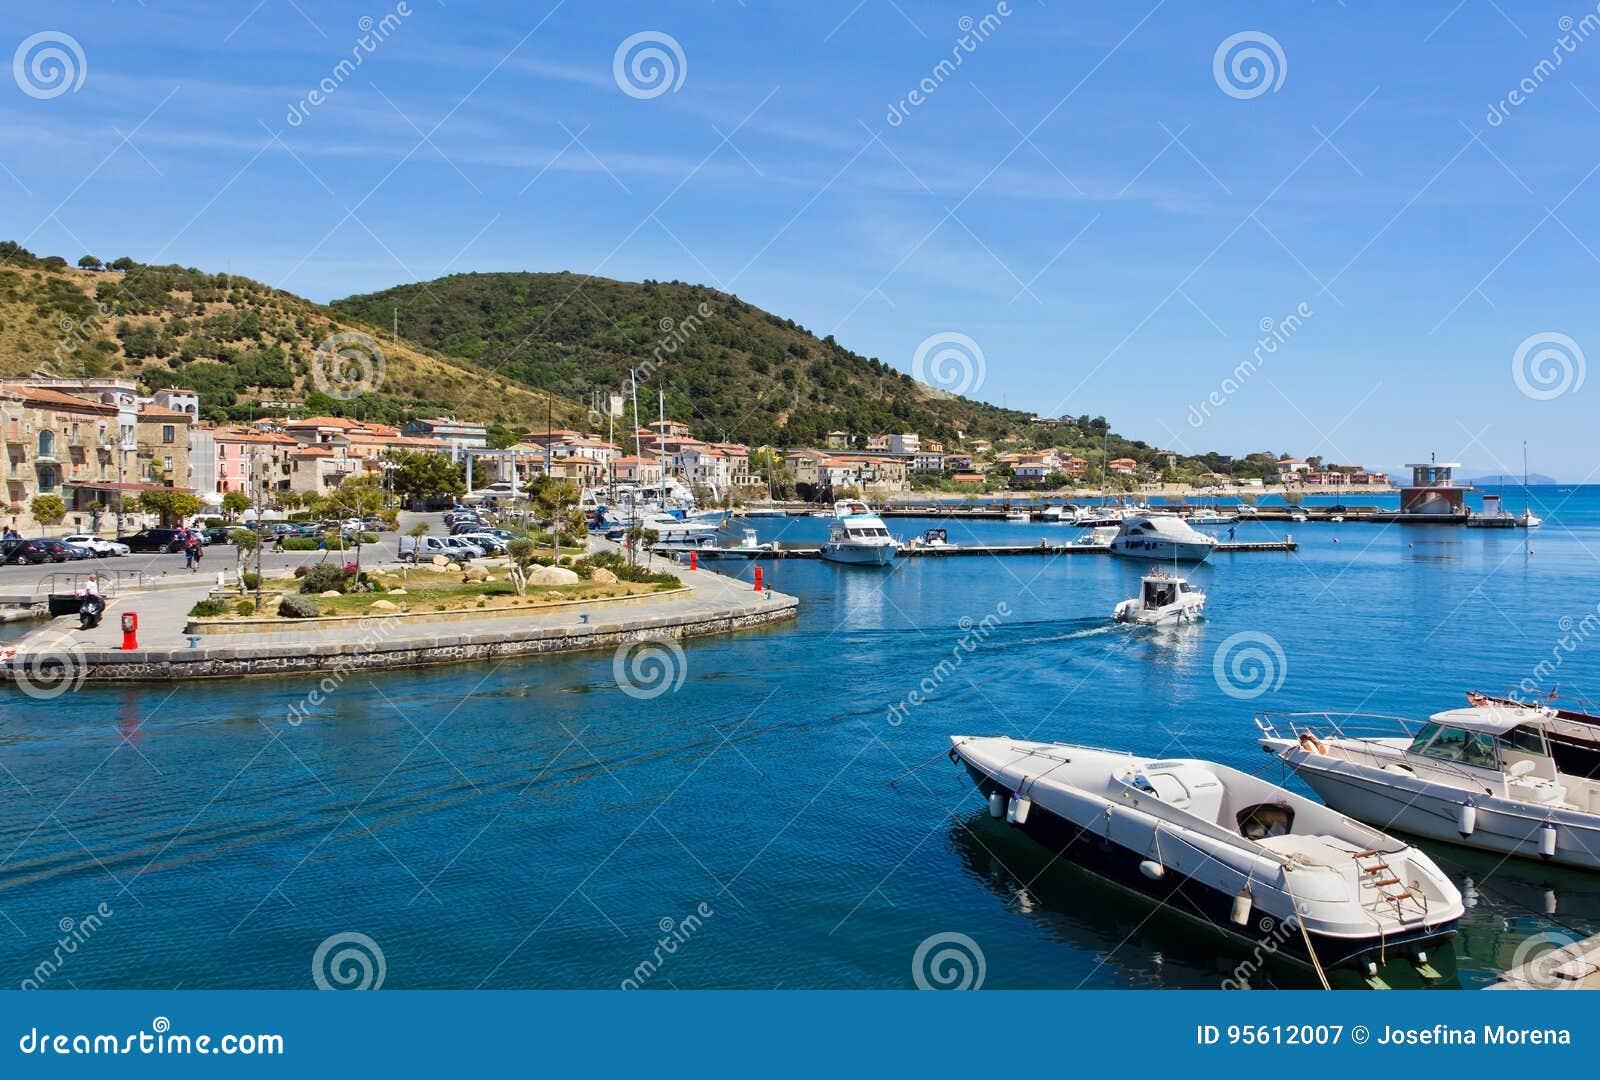 Porto di Acciaroli, Salerno